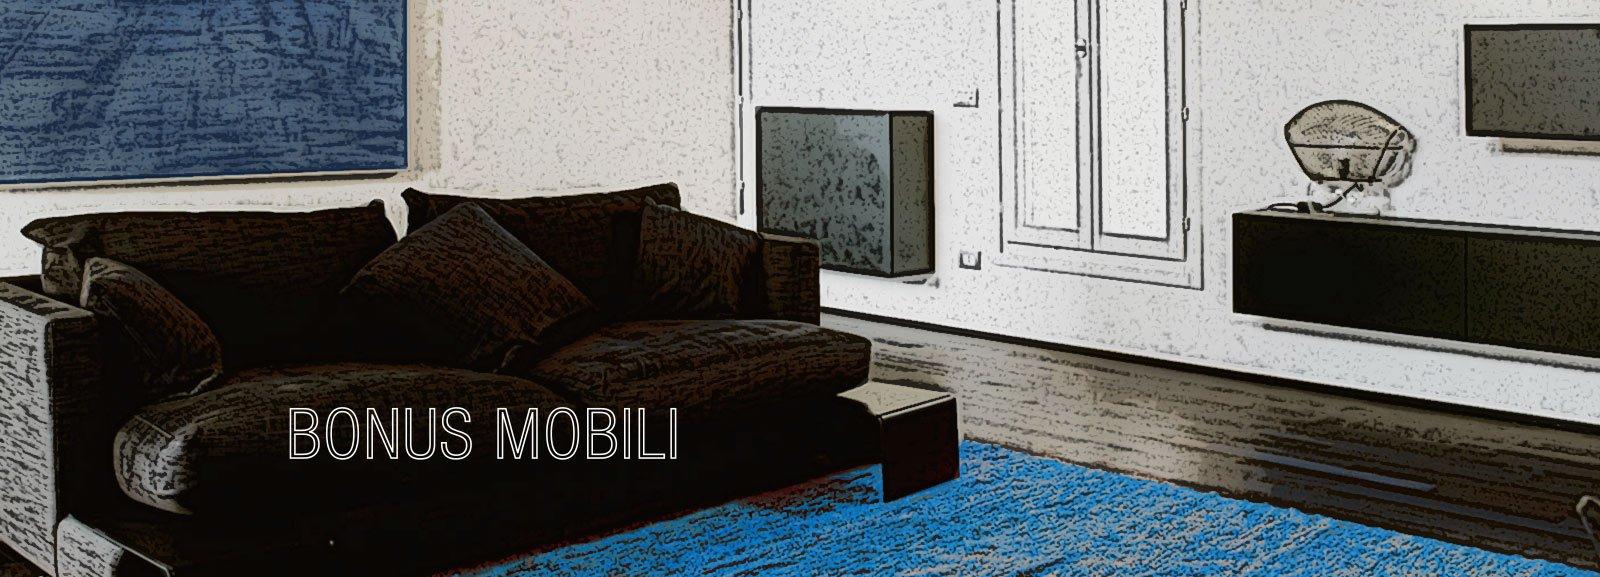 Bonus mobili con finanziaria 5 cose da sapere cose di casa - Bonus mobili scadenza ...